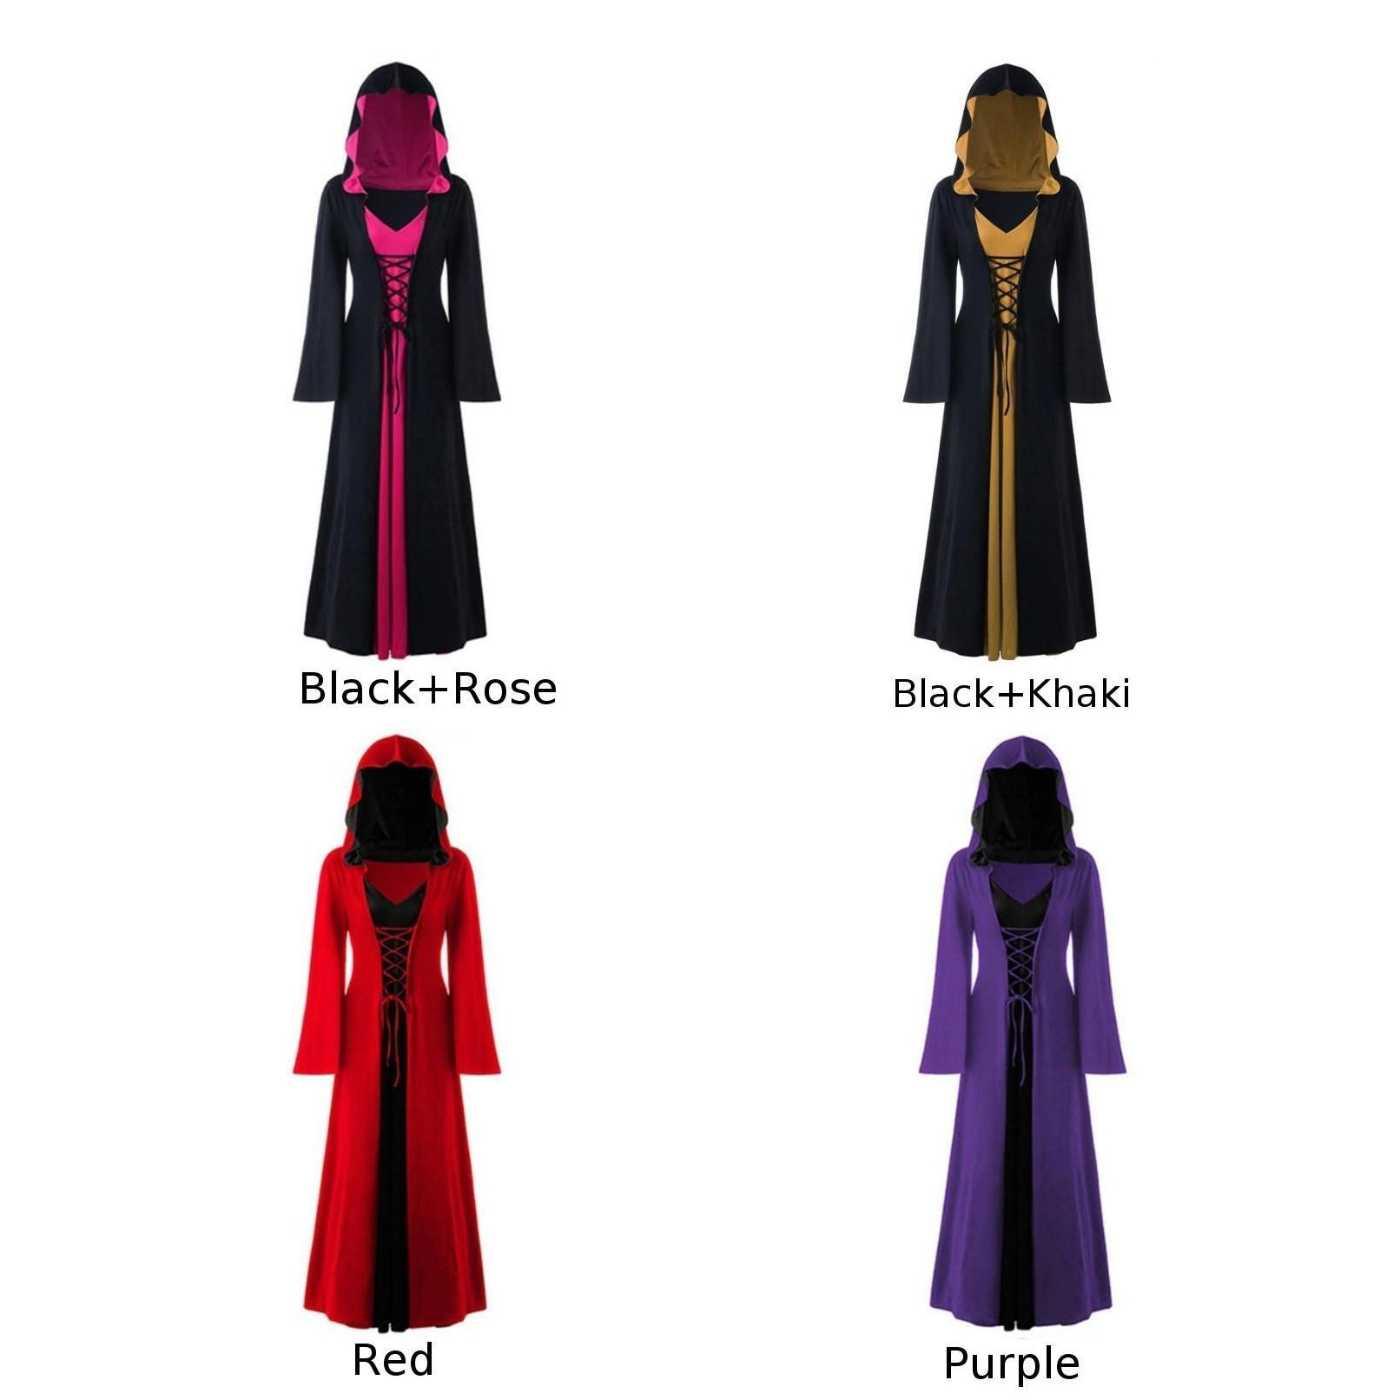 Женское многоцветное платье с длинным рукавом, с капюшоном, на шнуровке, с v-образным вырезом, готическое, панк, платья на Хэллоуин, Осень-зима, длинное, в стиле стимпанк, готическое платье